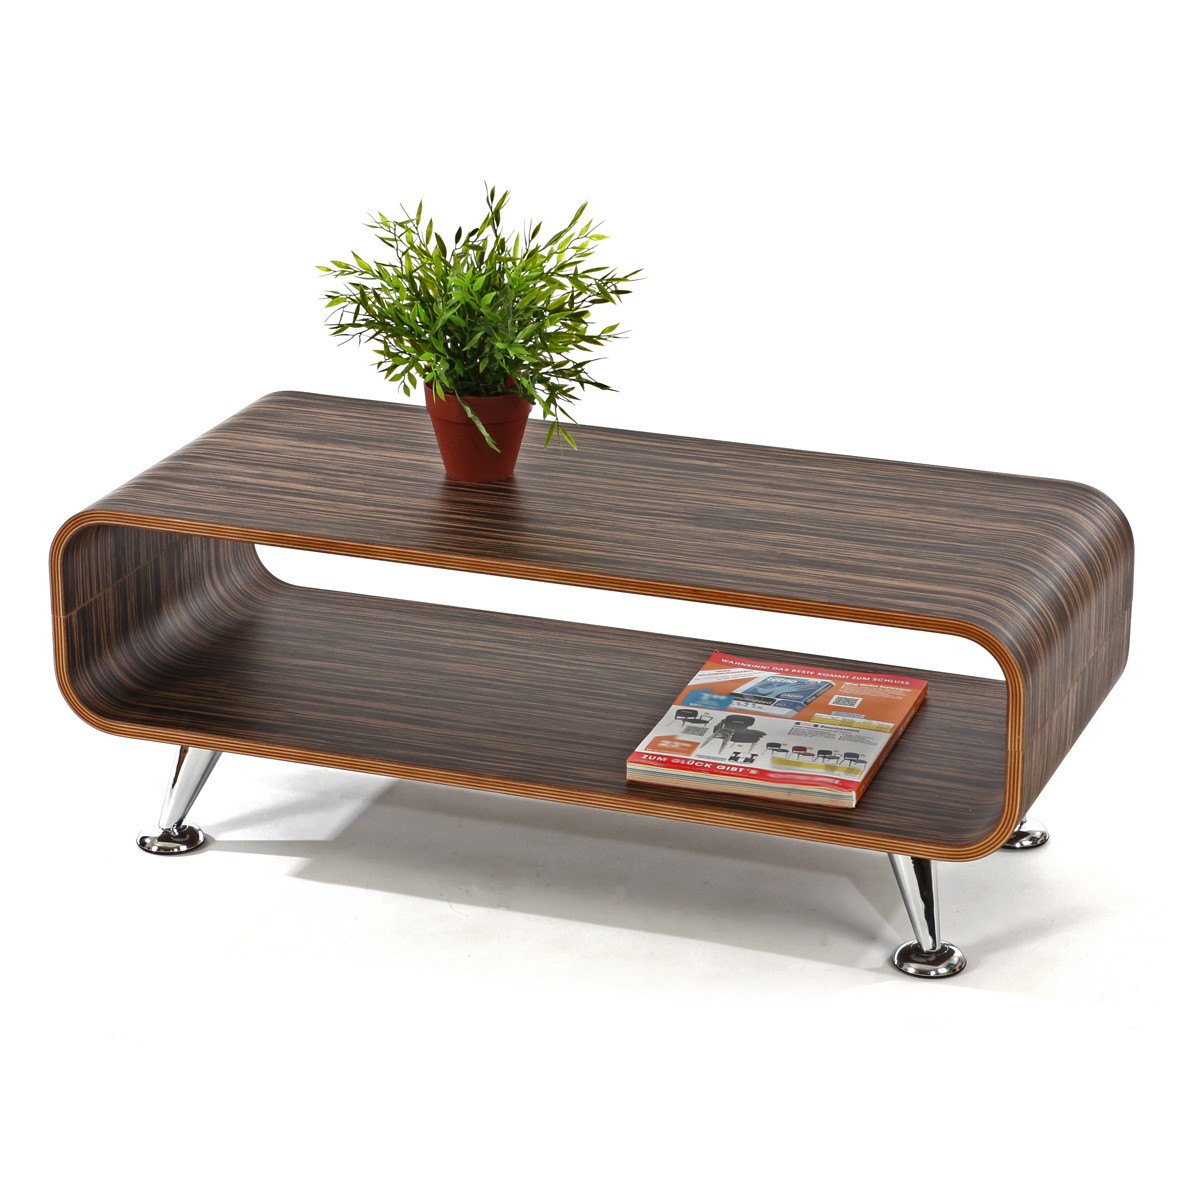 Møkt zebra sofabord - Bredde: 90 cm - Længde: 39 cm - Højde: 33,5 cm